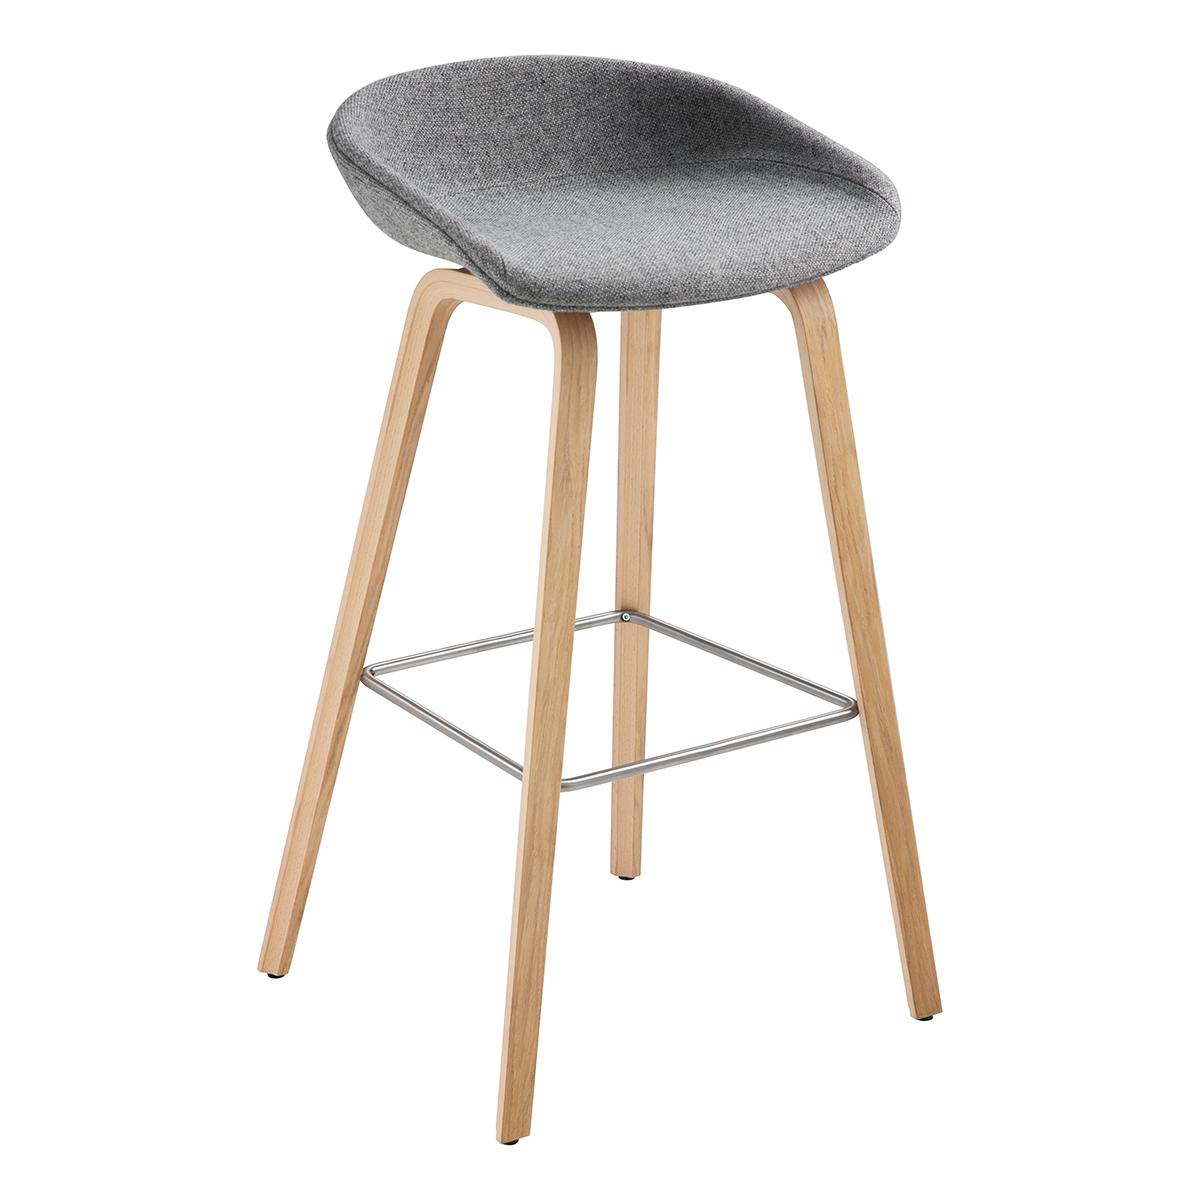 About a stool gepolstert dlse mietm bel for Barhocker gepolstert